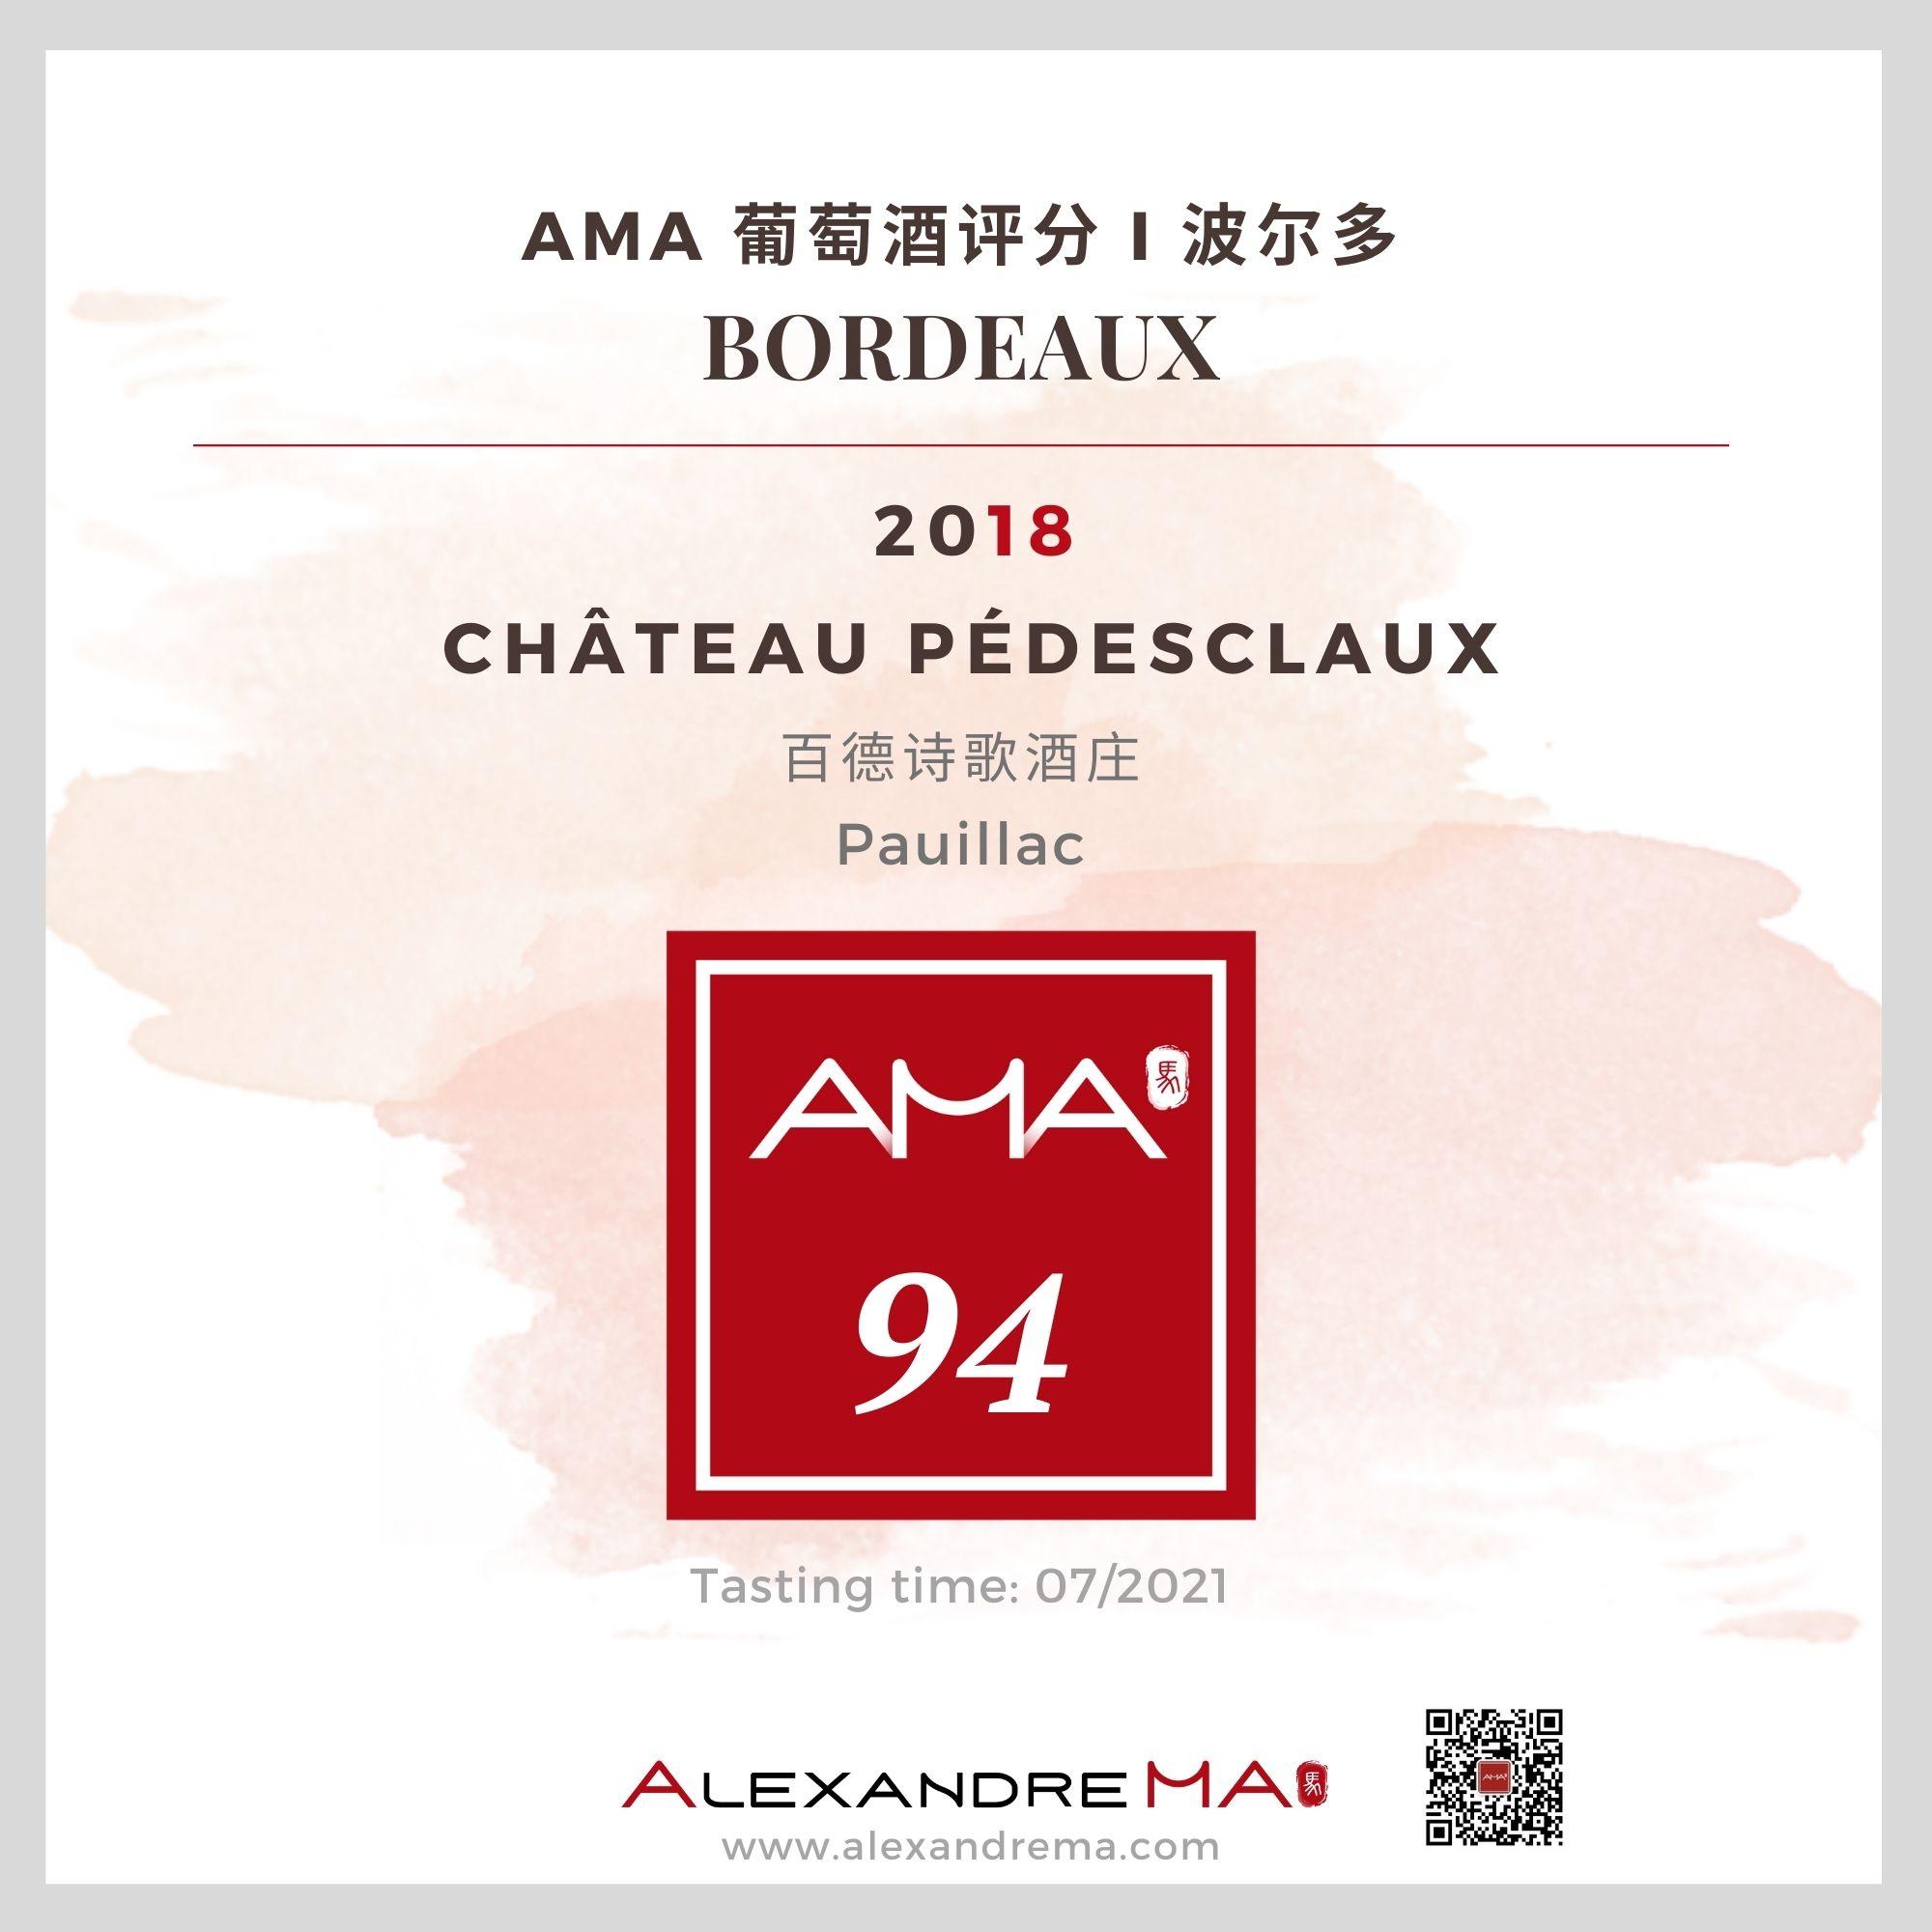 Château Pédesclaux 2018 百德诗歌酒庄 - Alexandre Ma